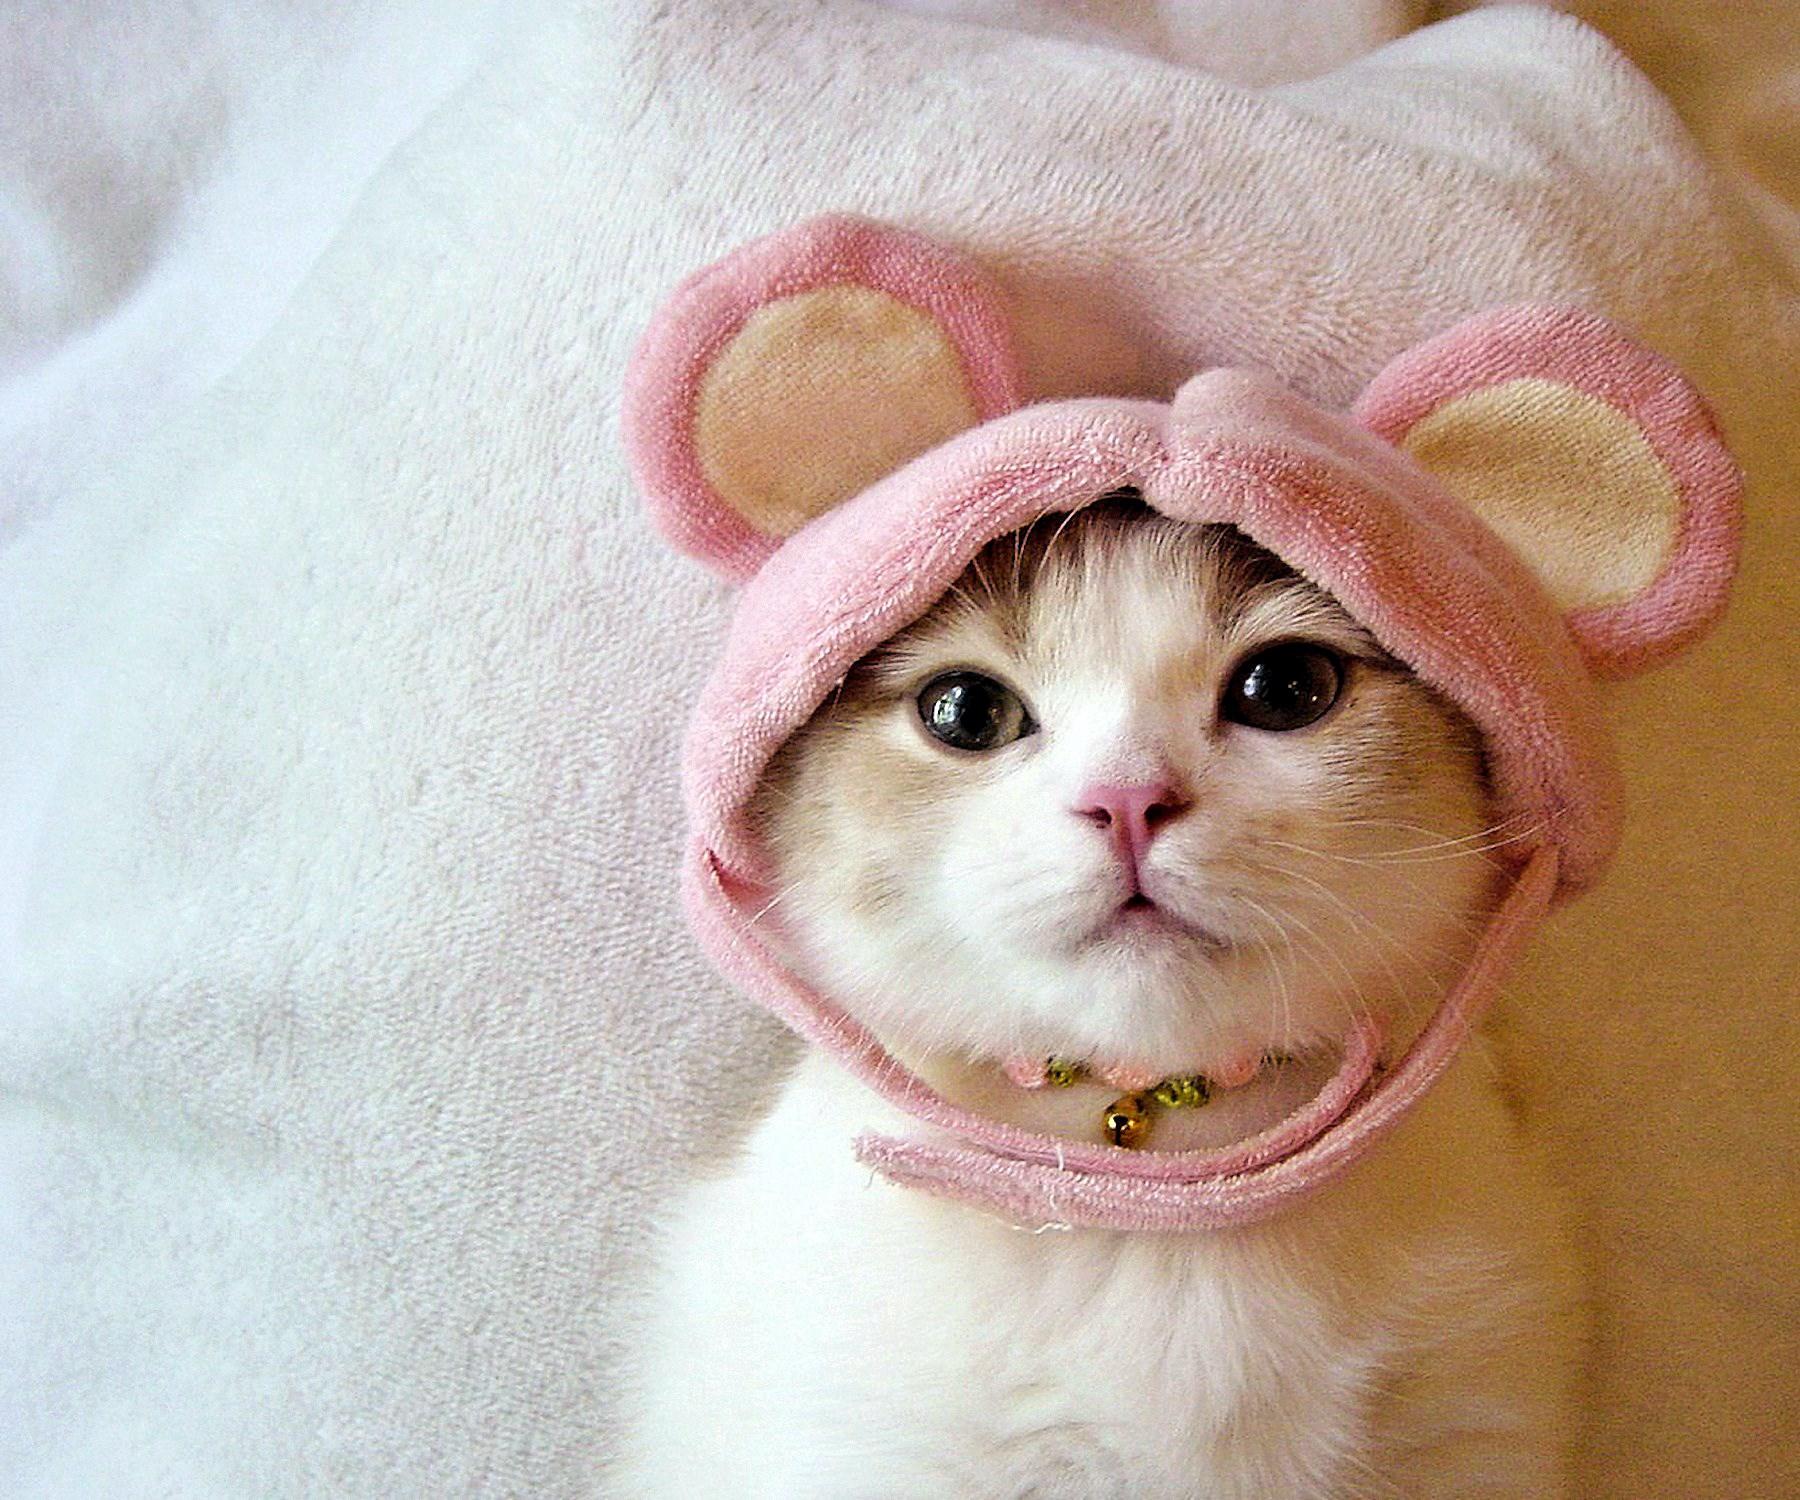 00 ain't I a cute cat... 13.05.15